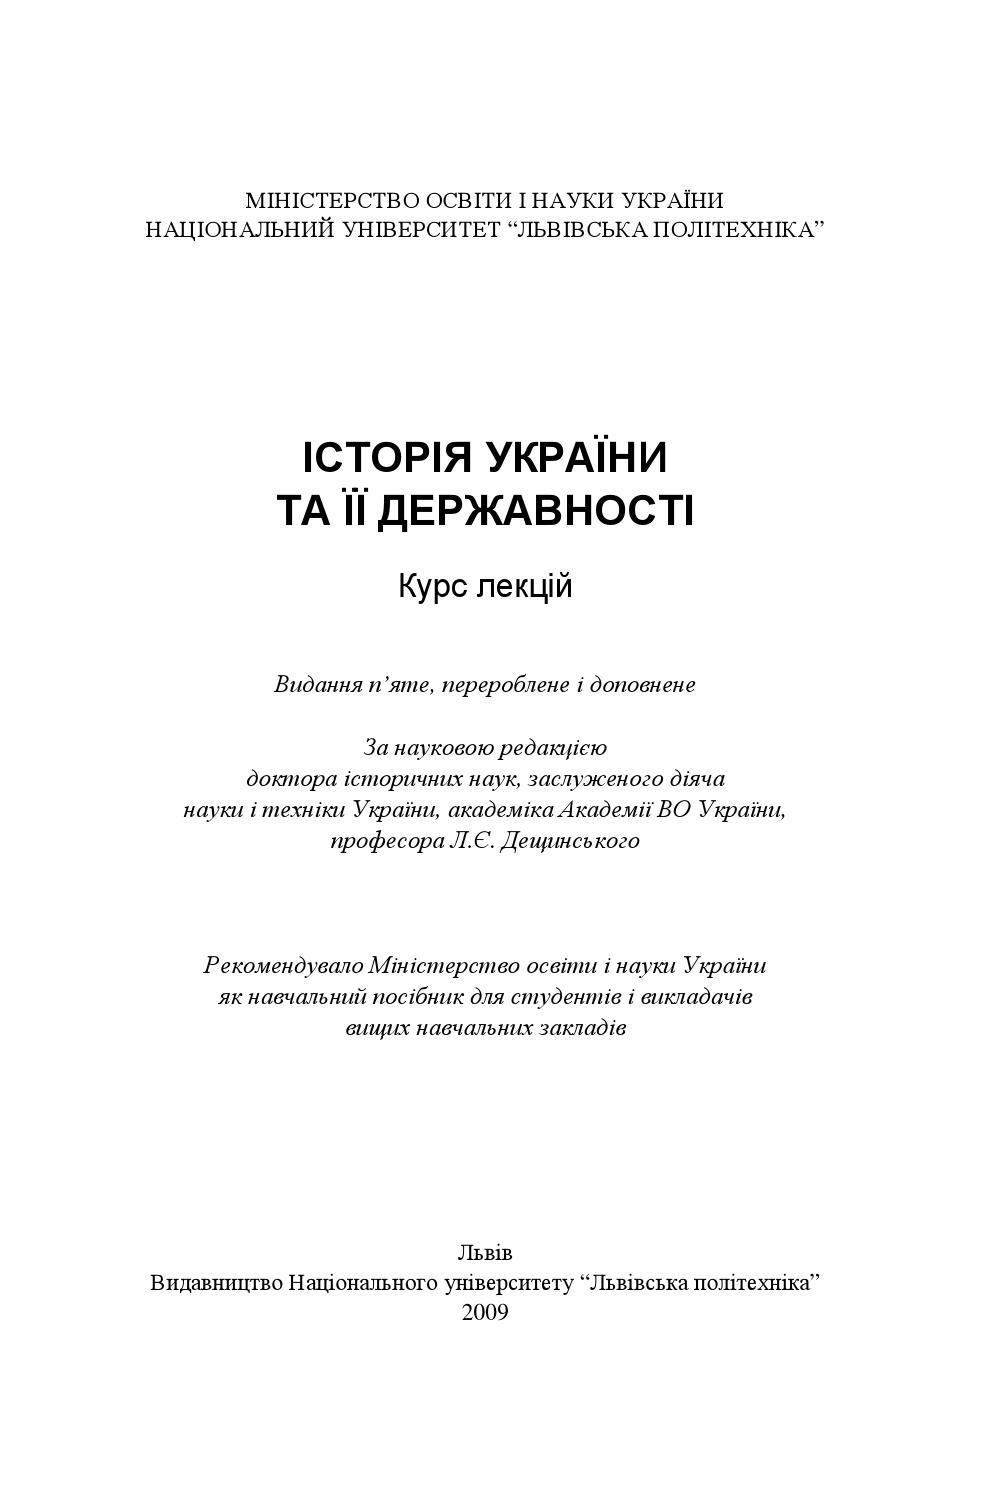 ІСТОРІЯ УКРАЇНИ ТА ЇЇ ДЕРЖАВНОСТІ by Watra - issuu a21f9cf5455de